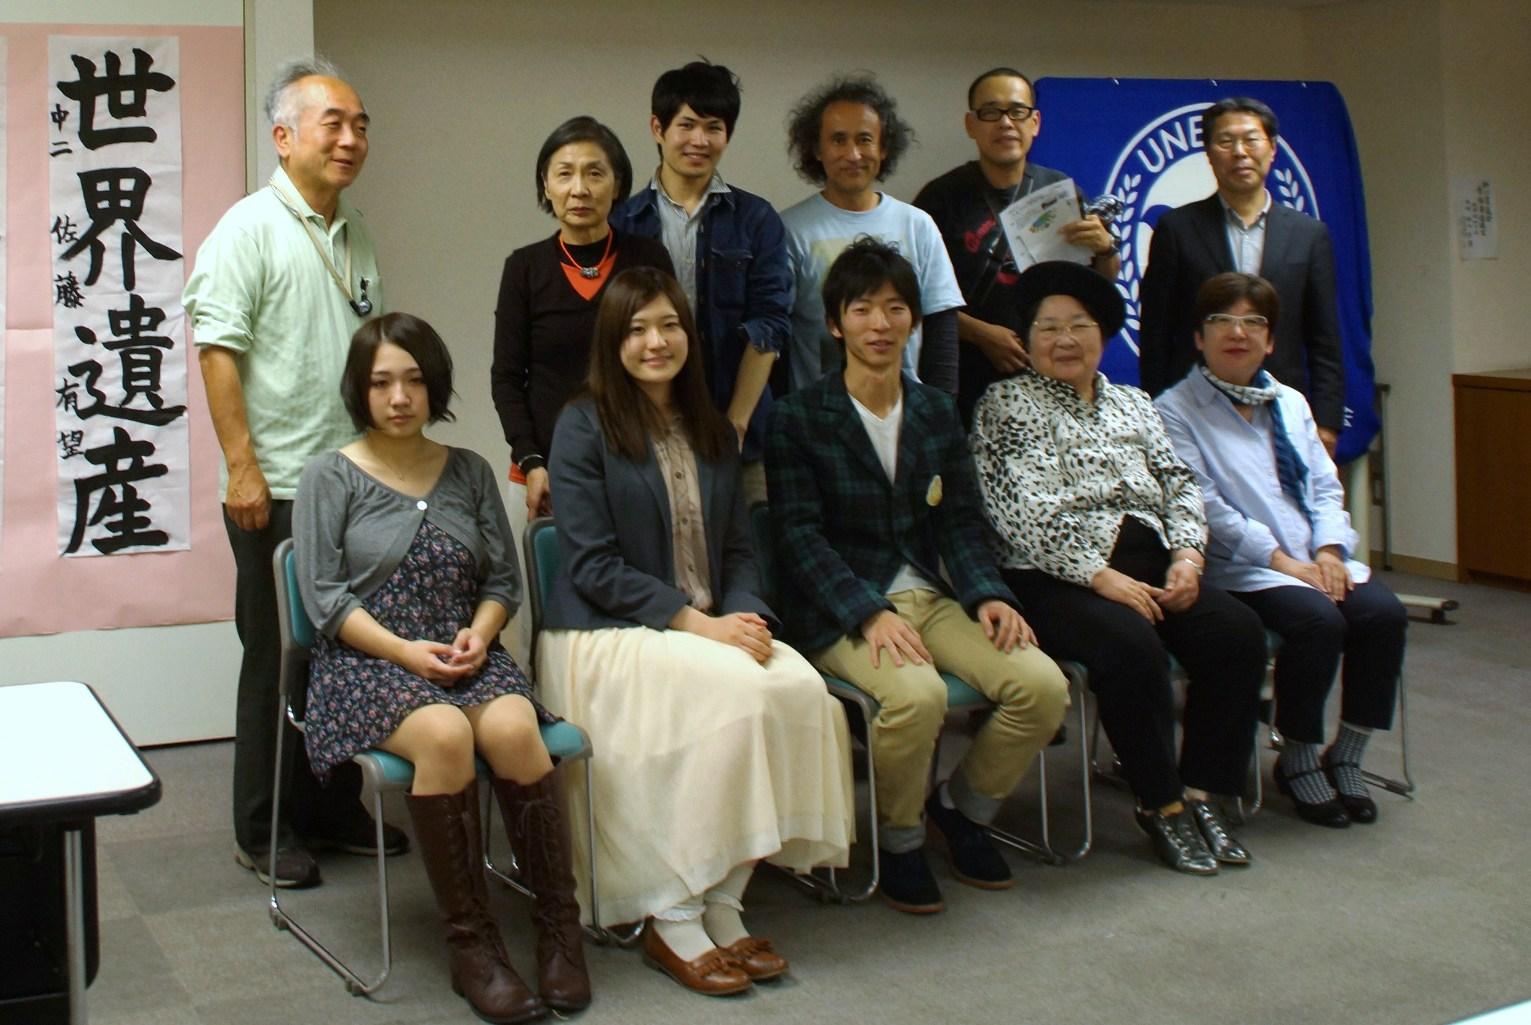 第16回さがみはら国際交流フェスティバル2012~学生弁論大会での再会@プロミティ淵野辺_f0006713_21332068.jpg